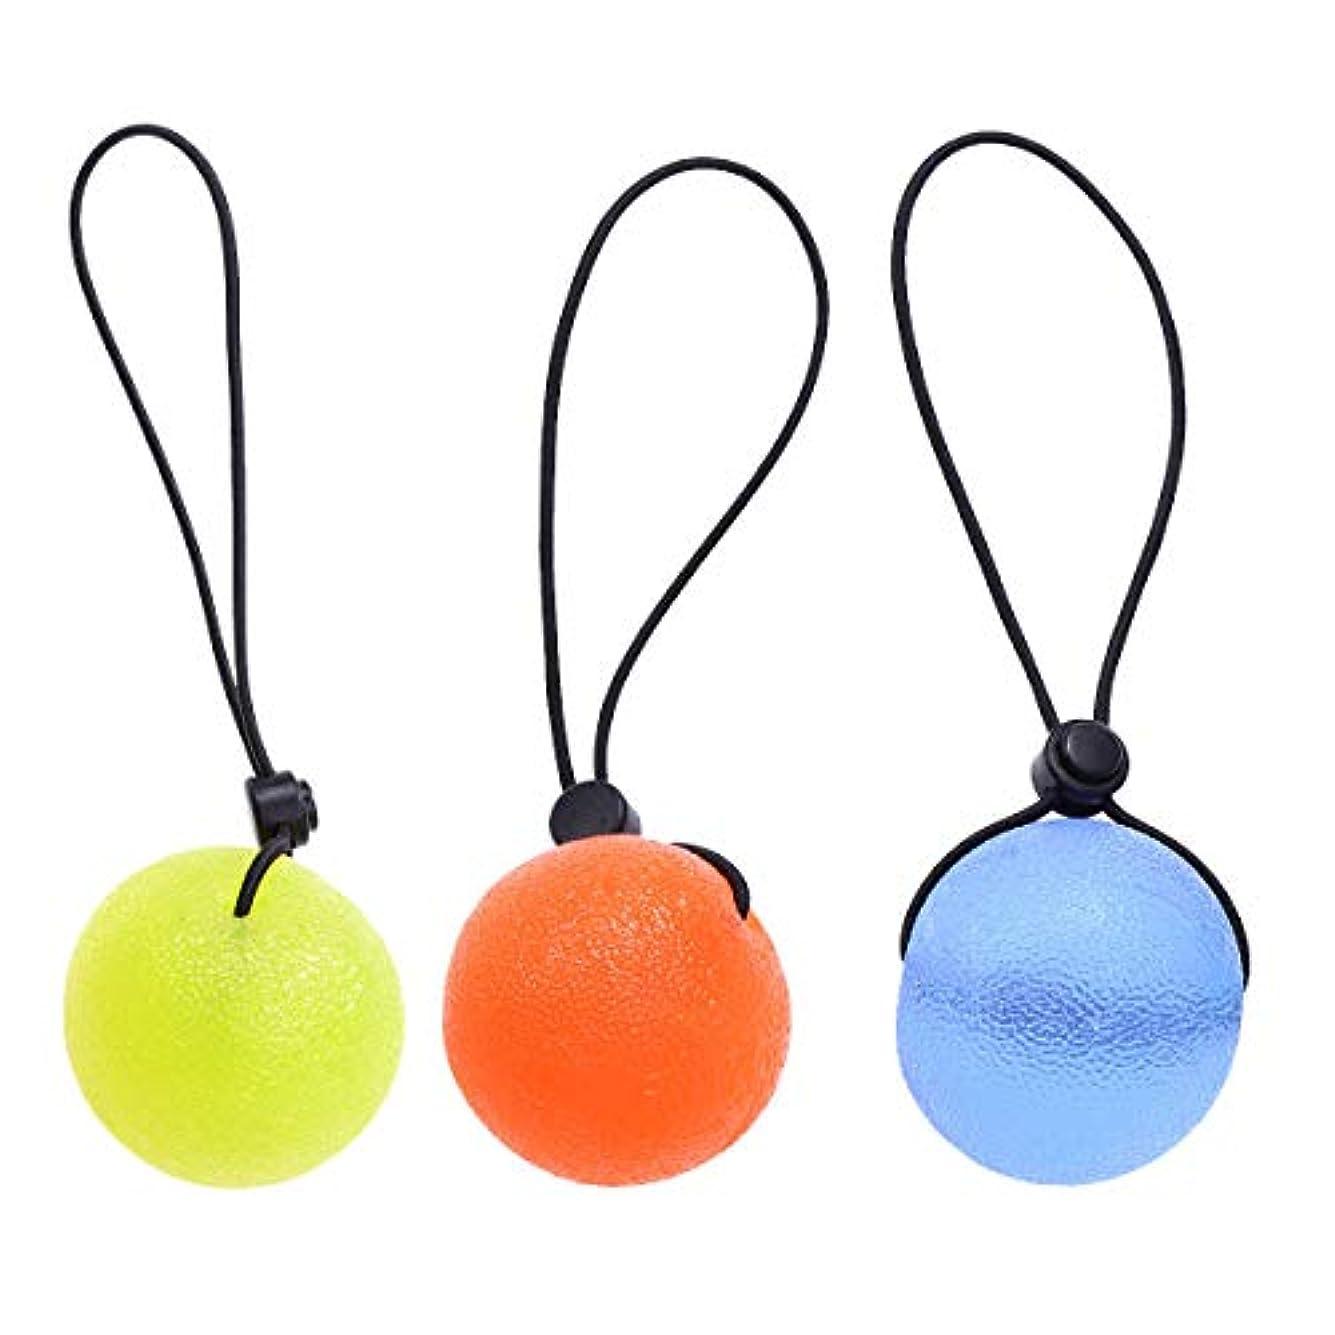 何十人も踏み台つまらないHEALIFTY ストレスリリーフボール、3本の指グリップボールセラピーエクササイズスクイズ卵ストレスボールストリングフィットネス機器(ランダムカラー)